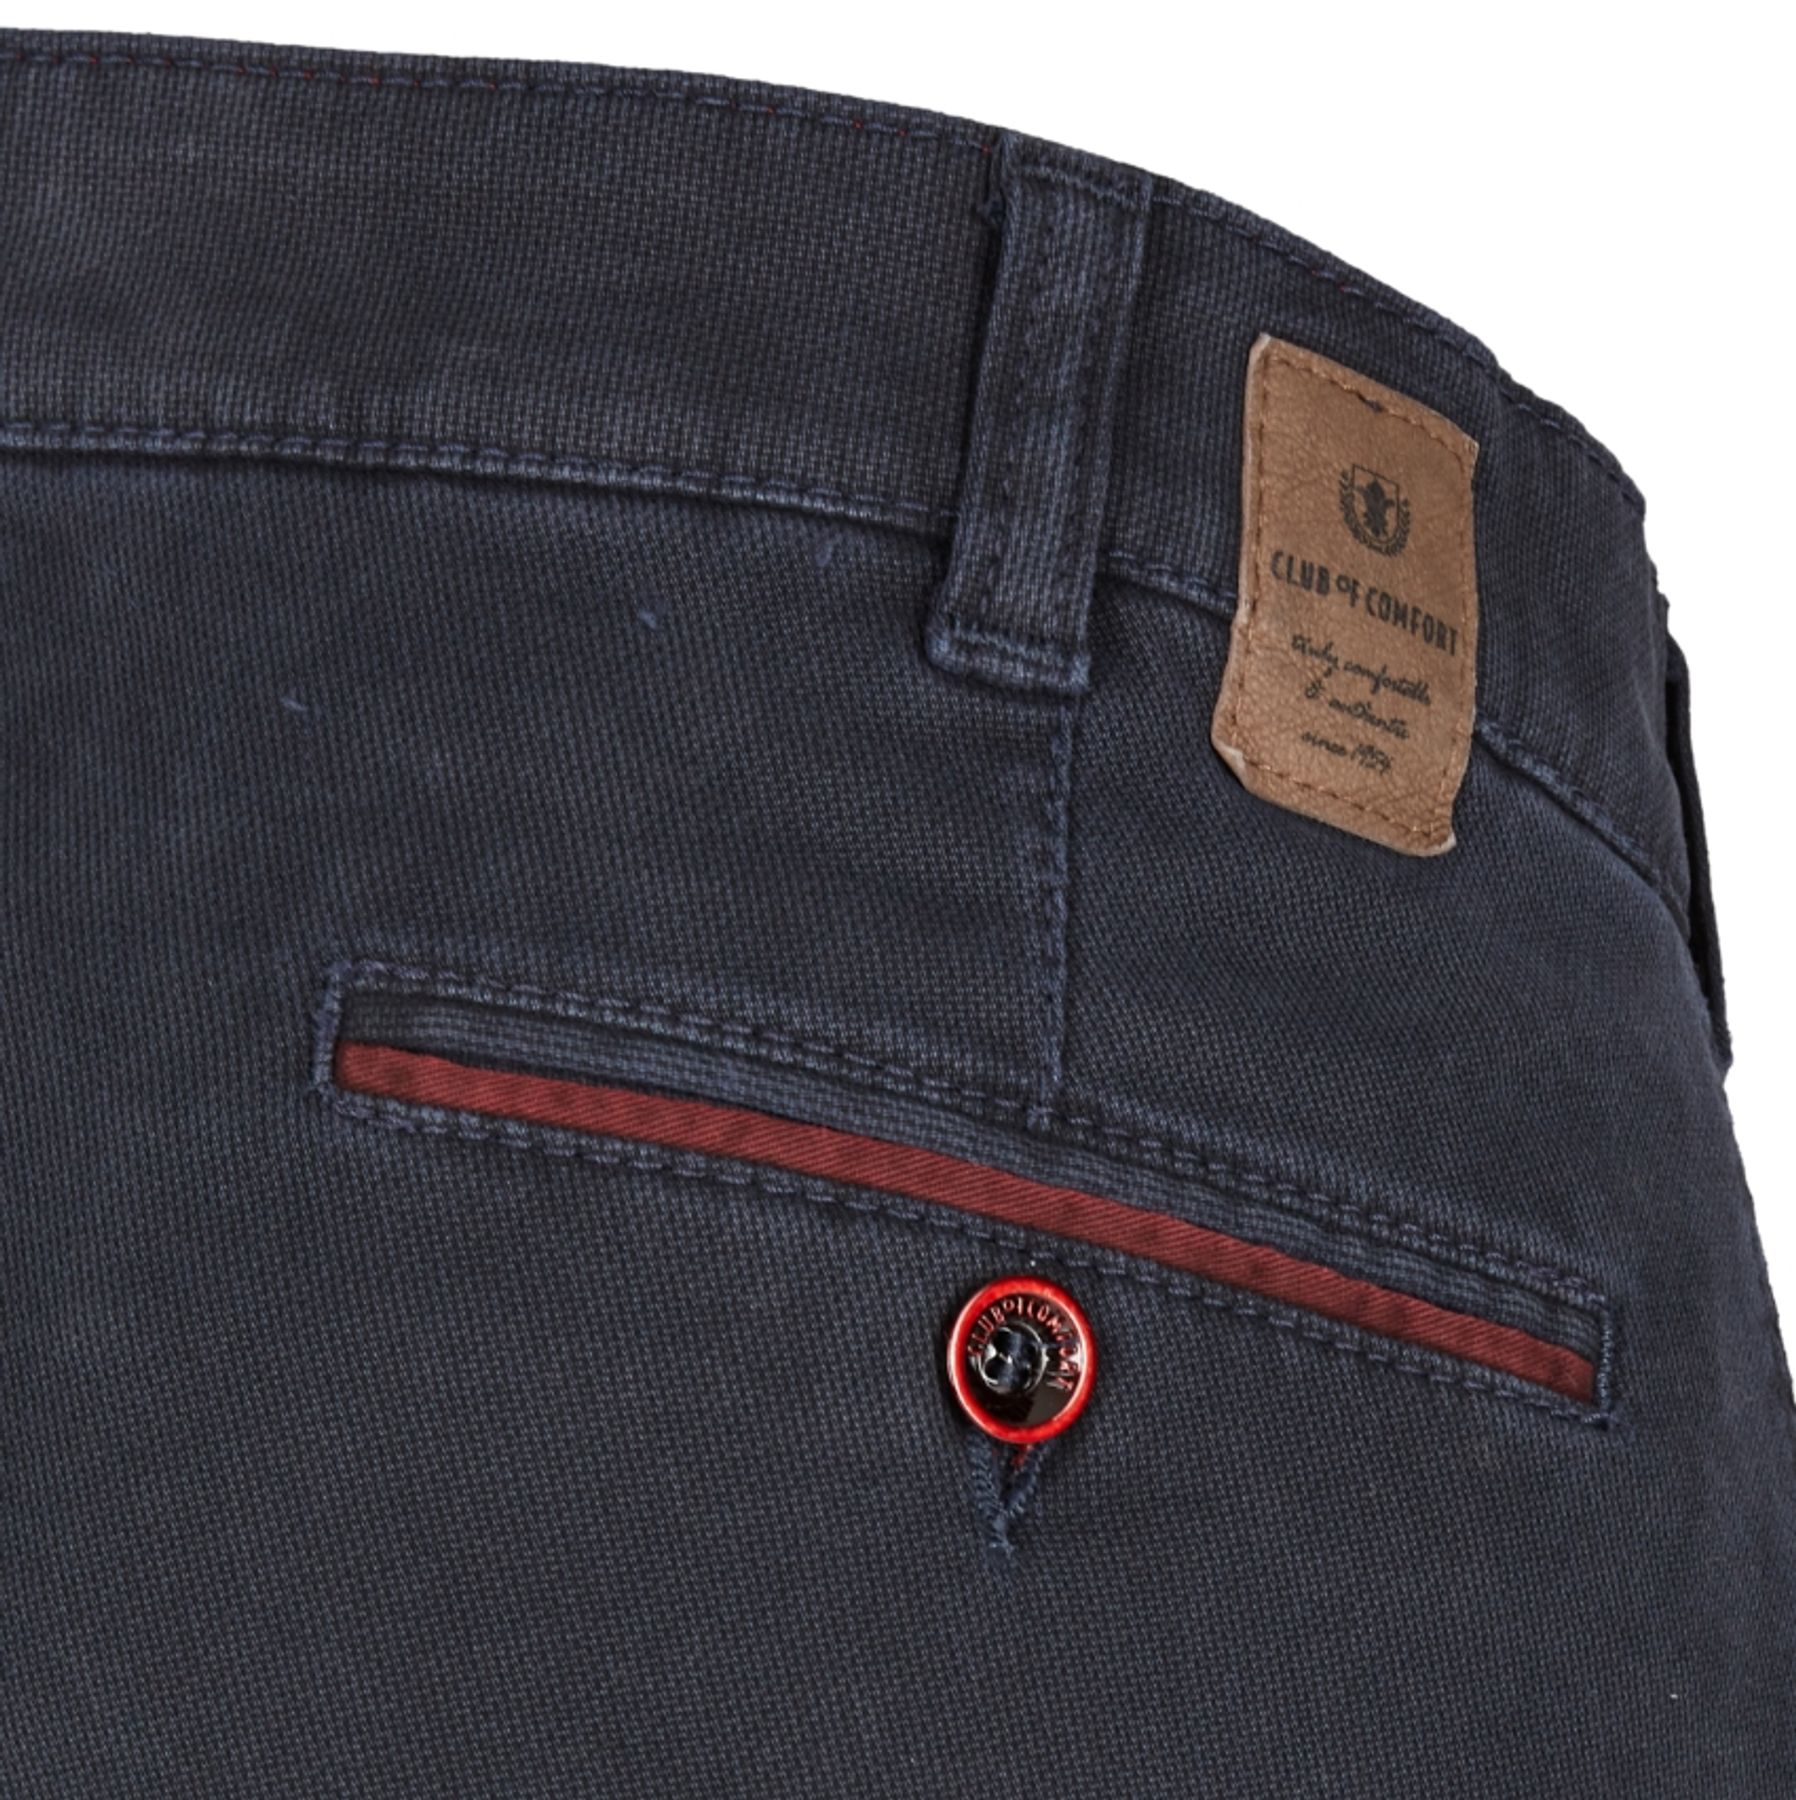 Club of Comfort - Herren Modifizierte Five-Pocket-Hose, Keno (6613) – Bild 4